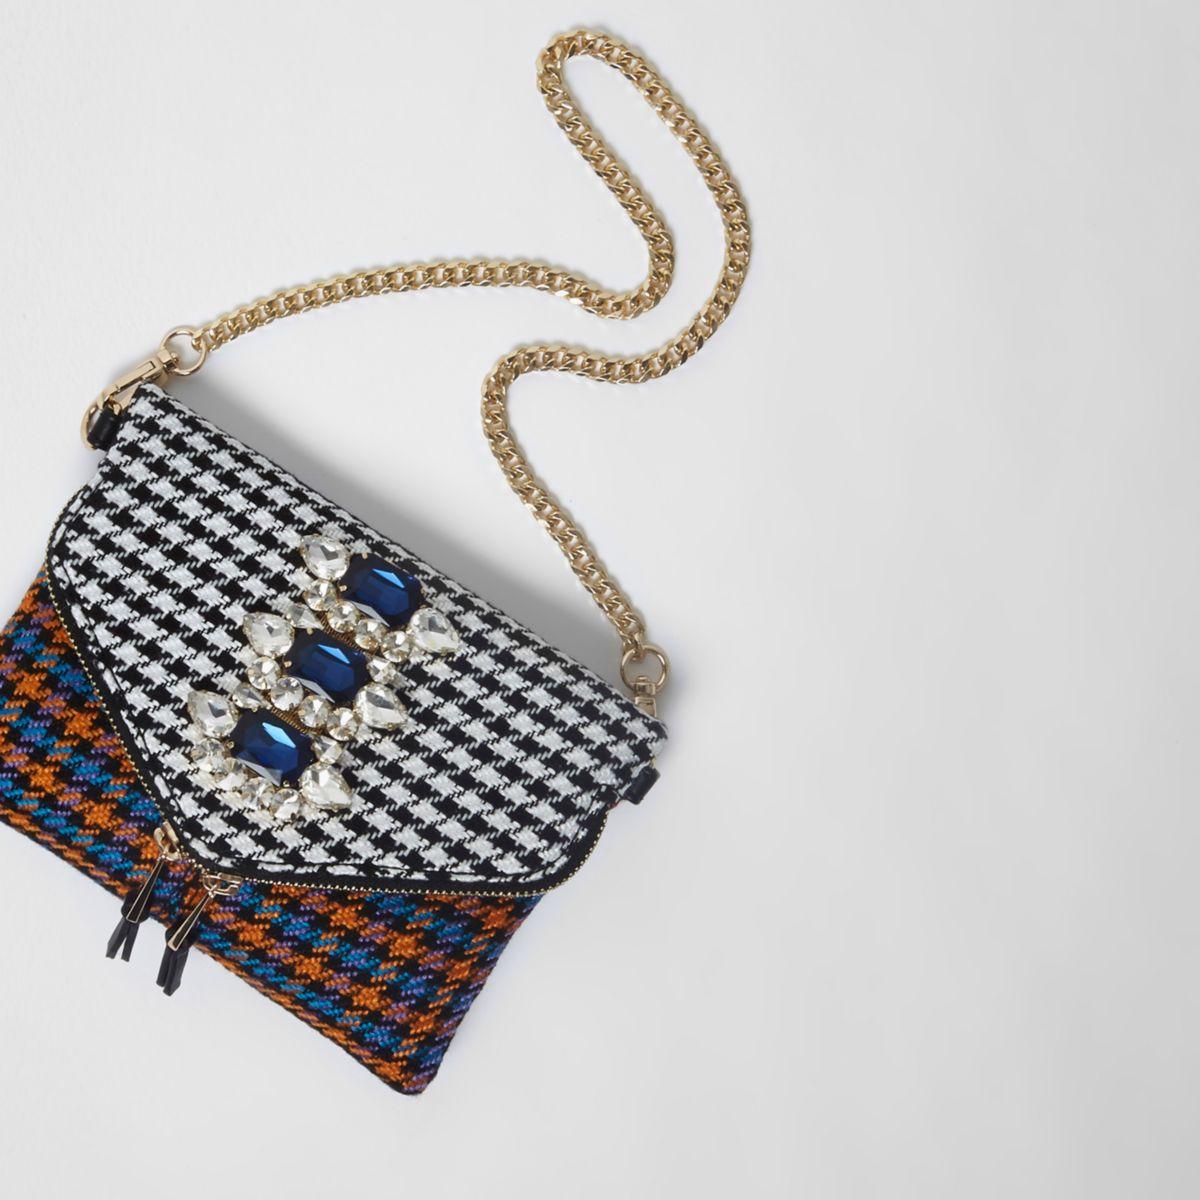 Orange check gem embellished chain bag